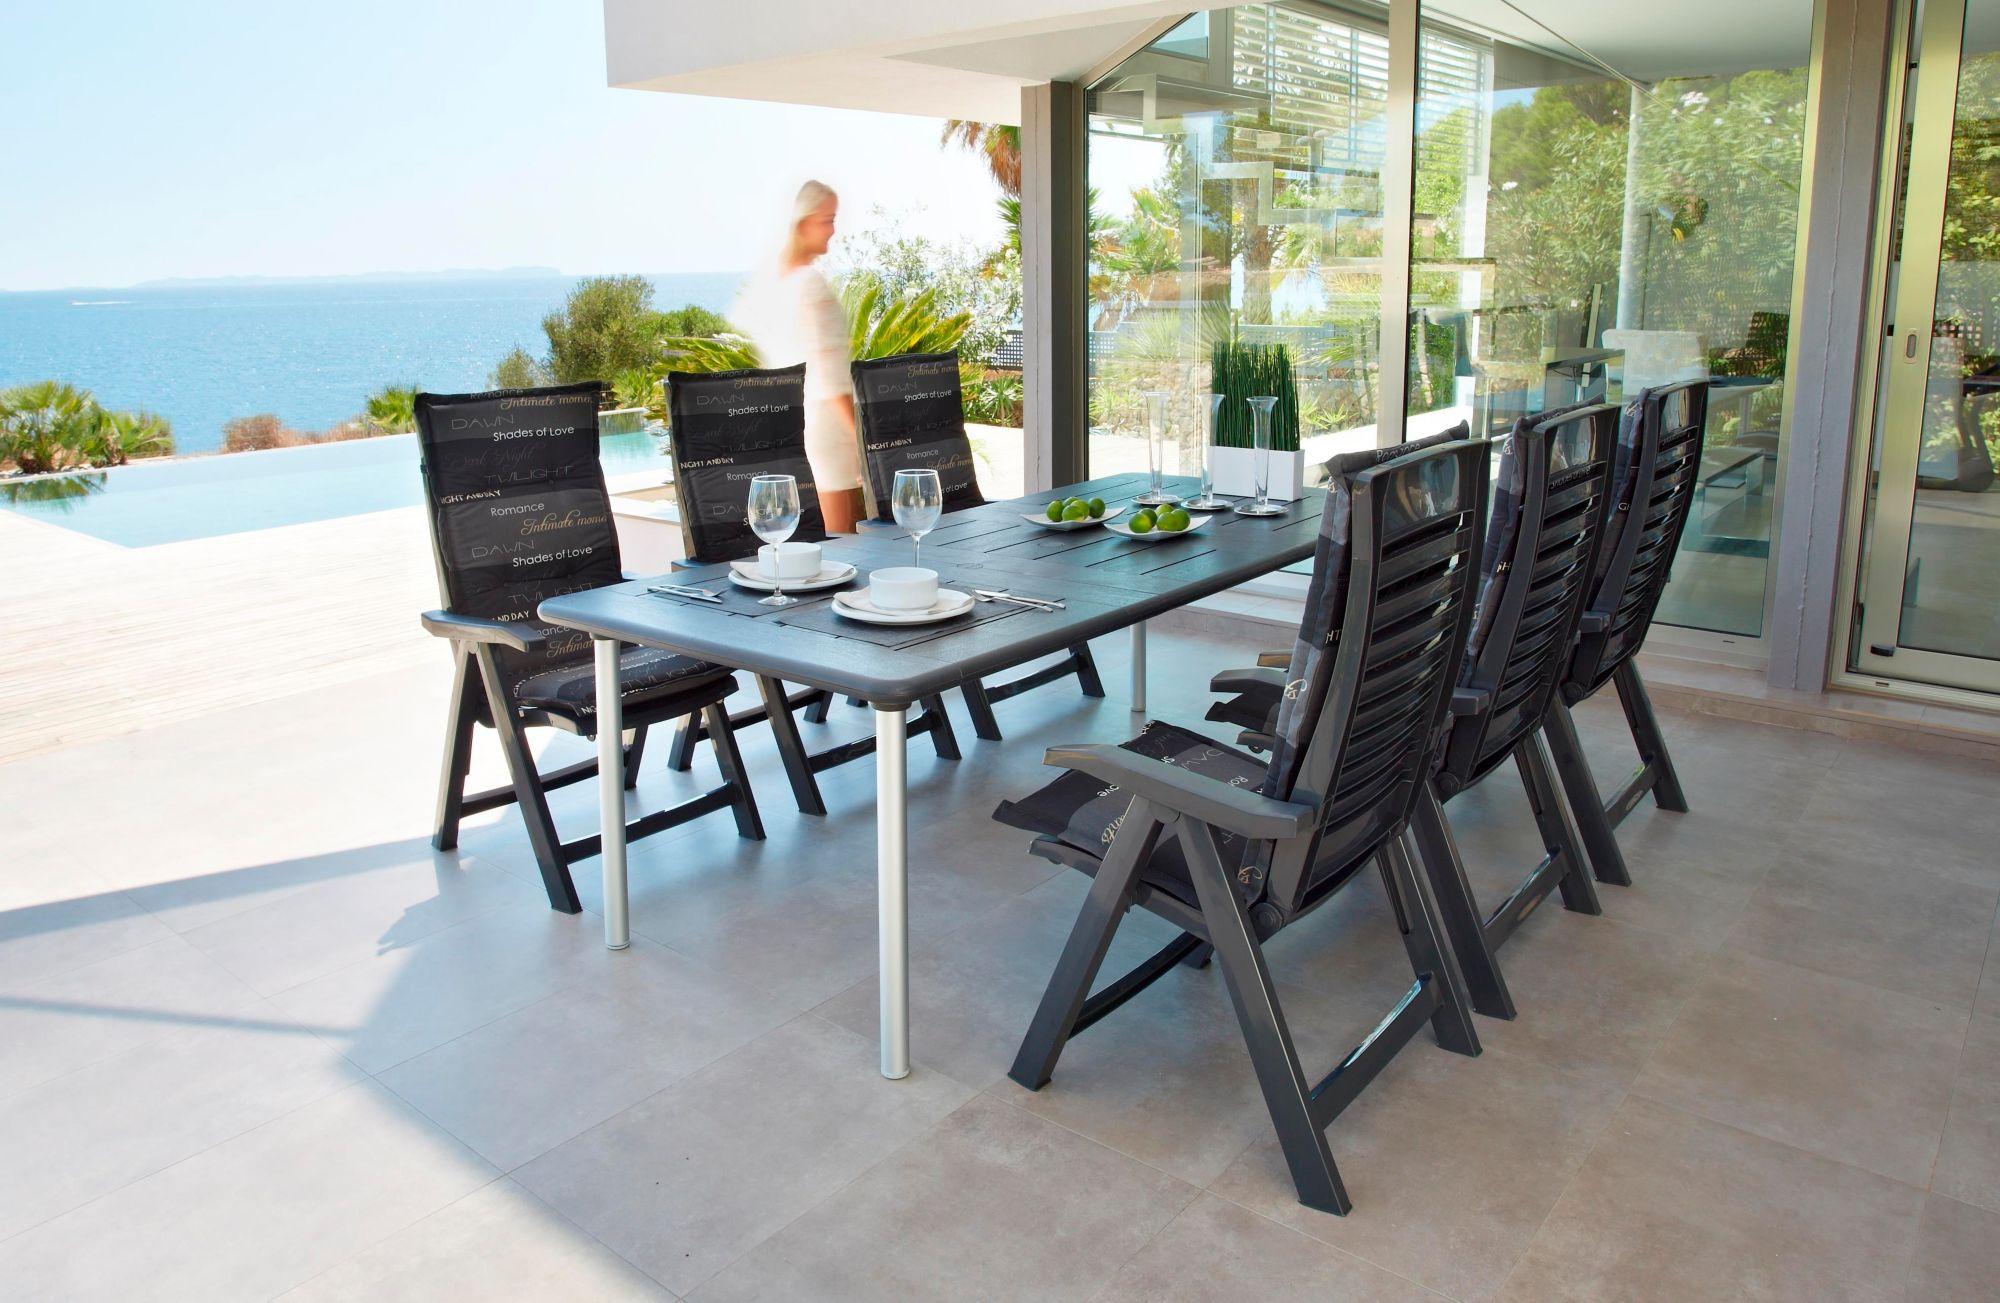 BEST Best 13-tgl. Gartenmöbelset »Tavolo«, 6 Sessel, Tisch 160x220 cm, Kunststoff, anthrazit, inkl. Auflagen